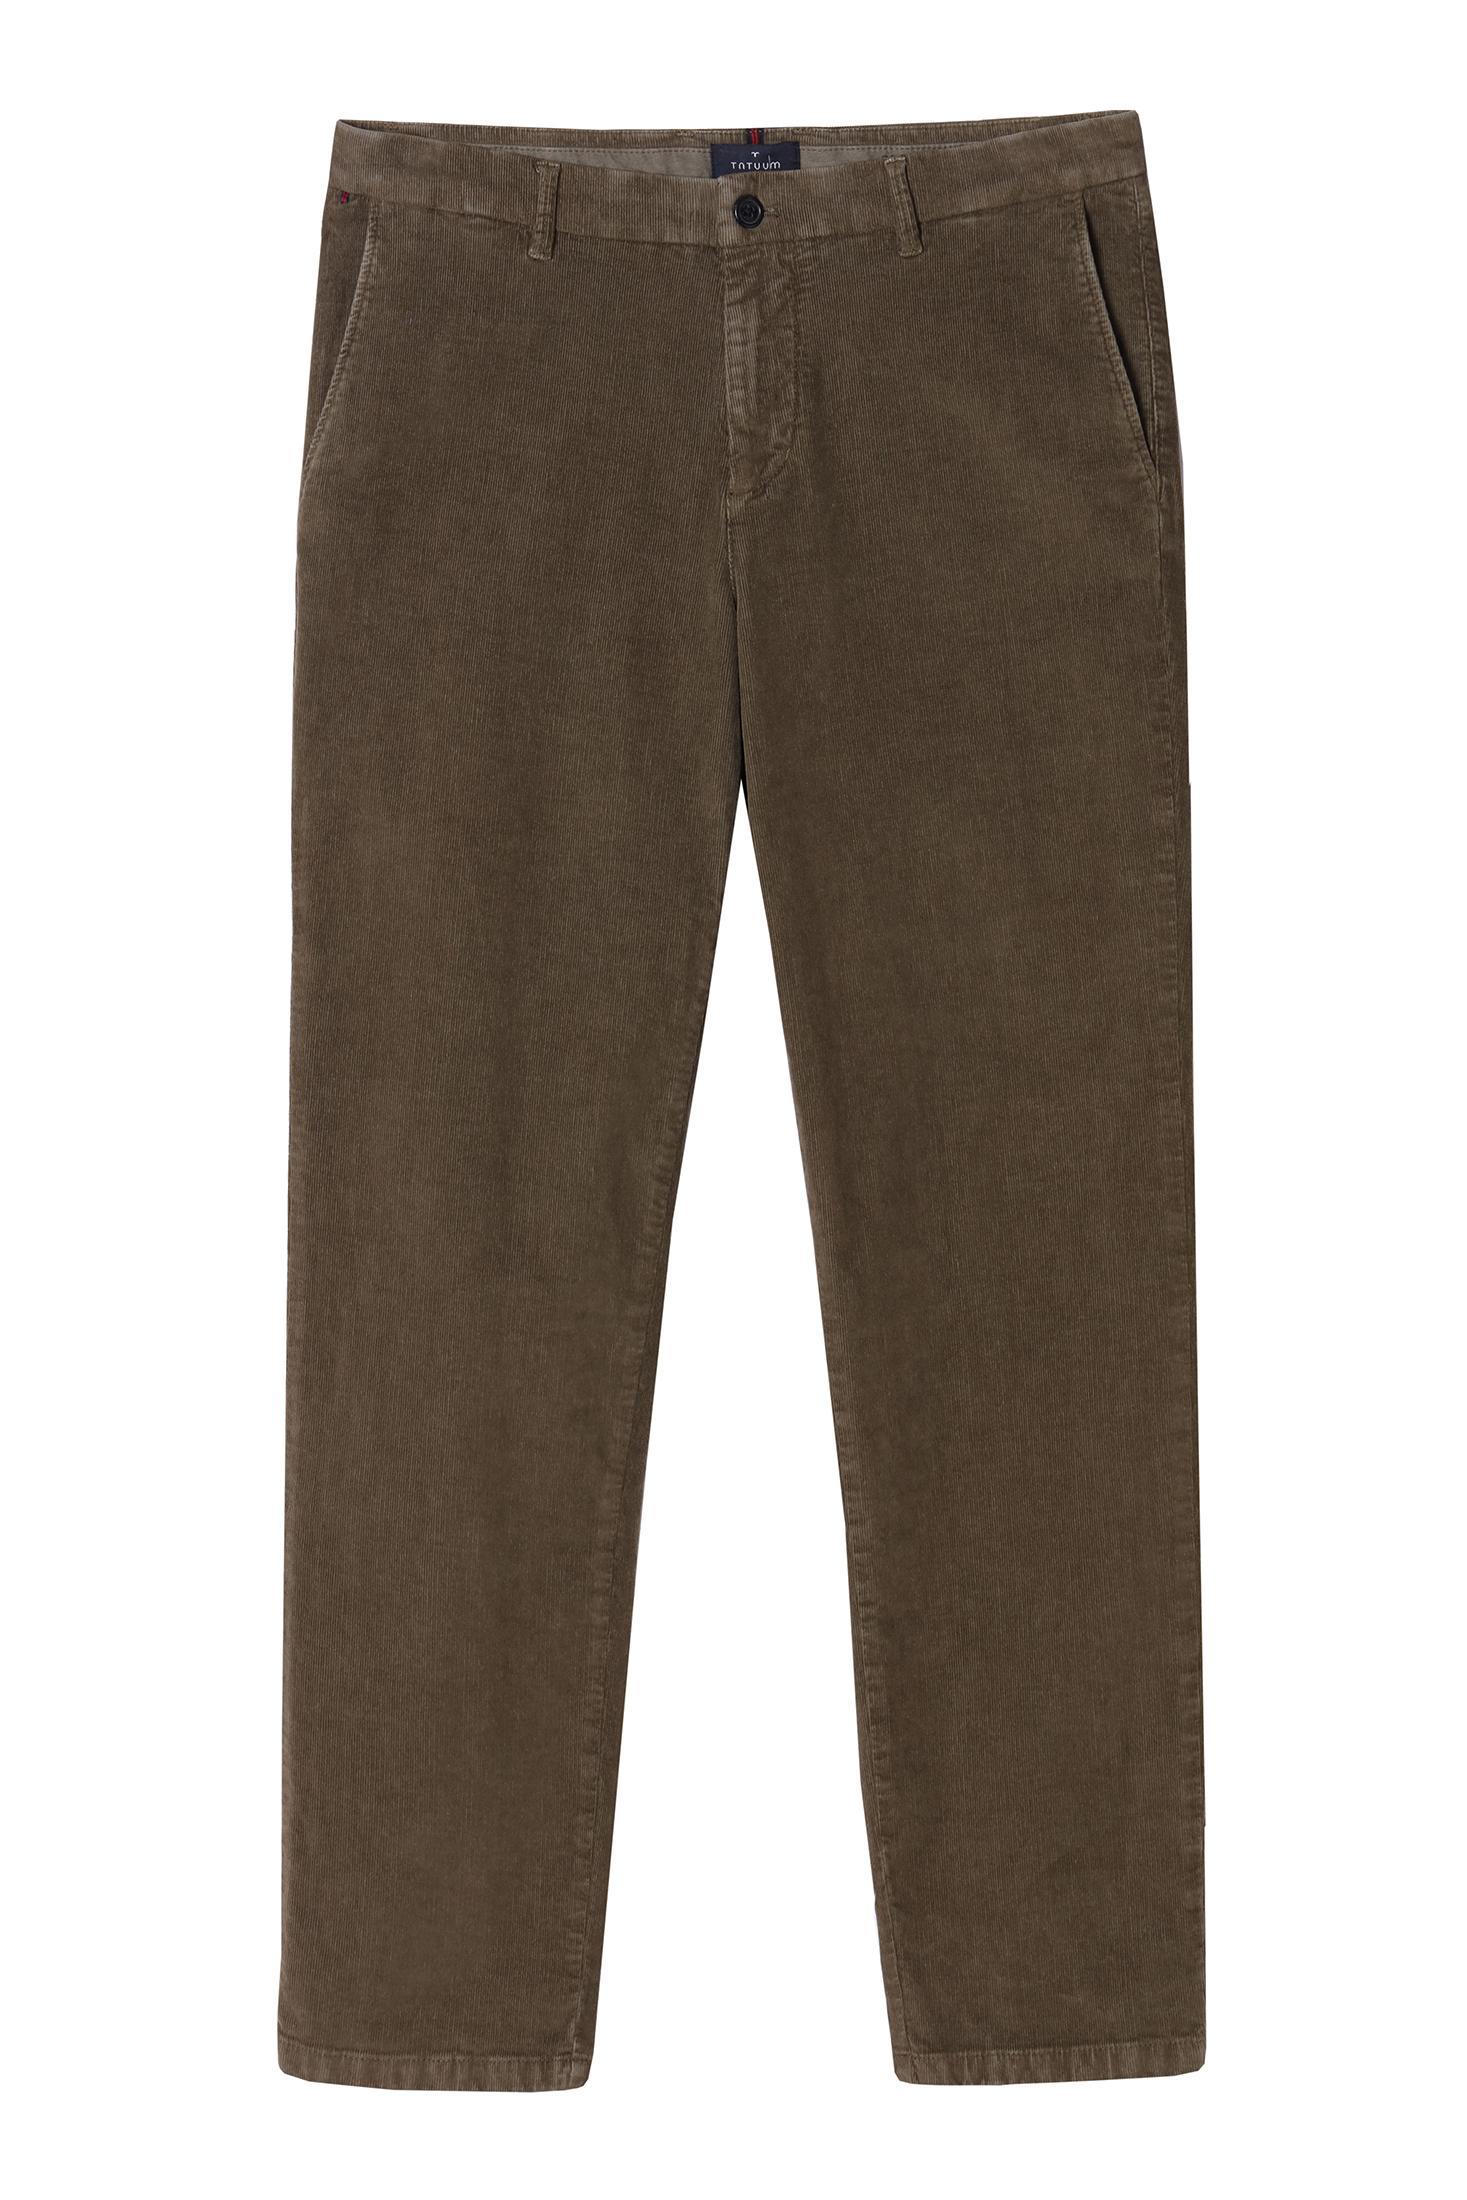 spodnie męskie tk. JOSEPH 7